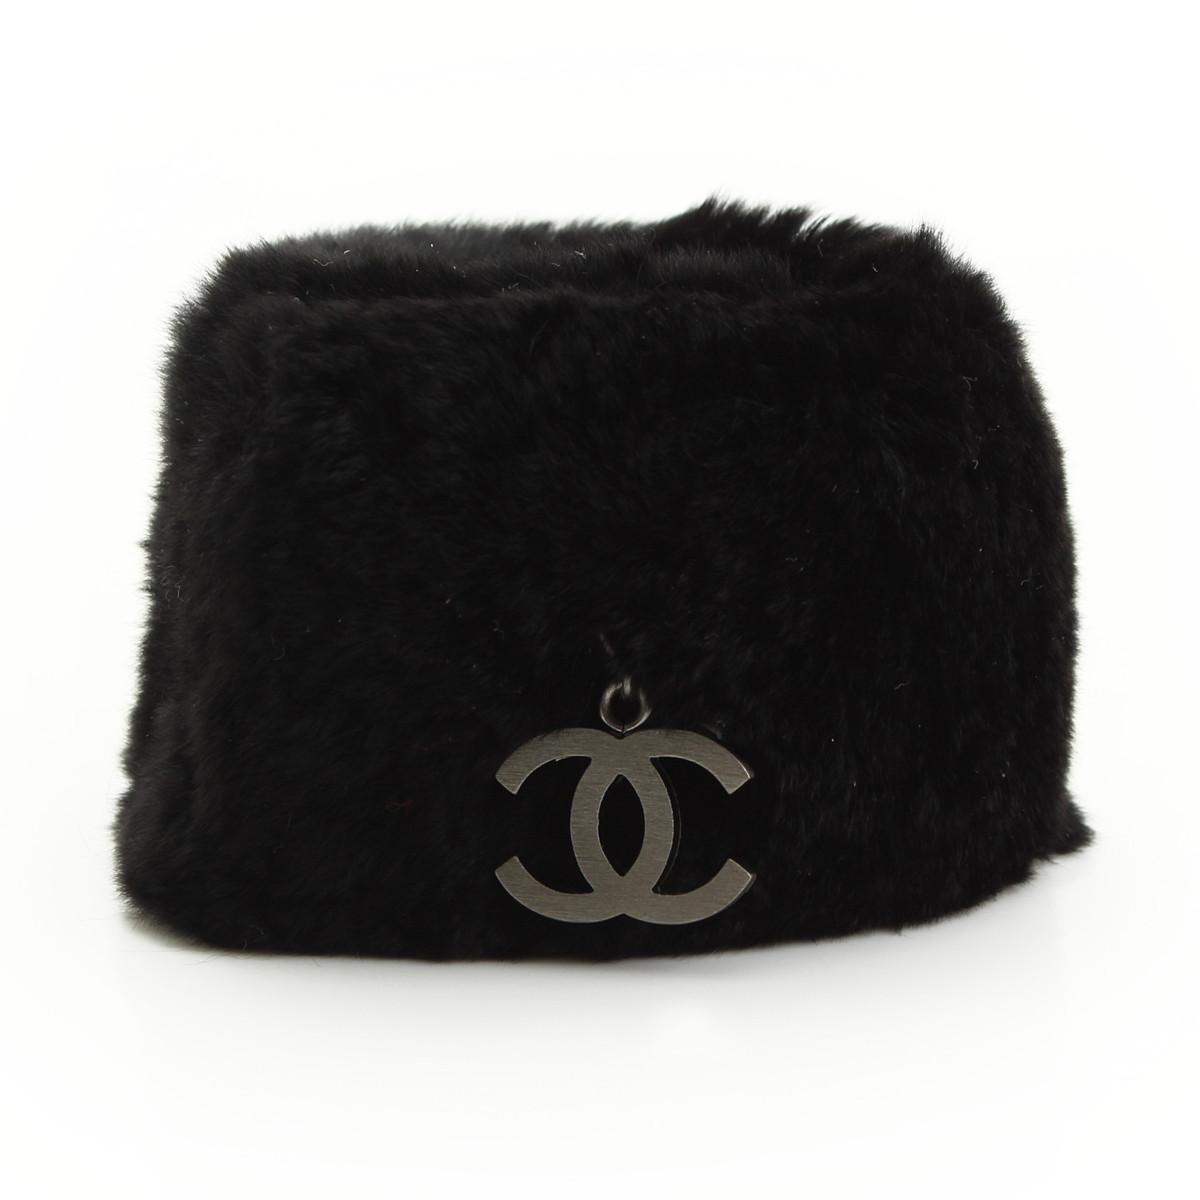 【シャネル】Chanel ココマーク ラビットファー リストバンド バングル ブラック 【中古】【鑑定済・正規品保証】【送料無料】28188